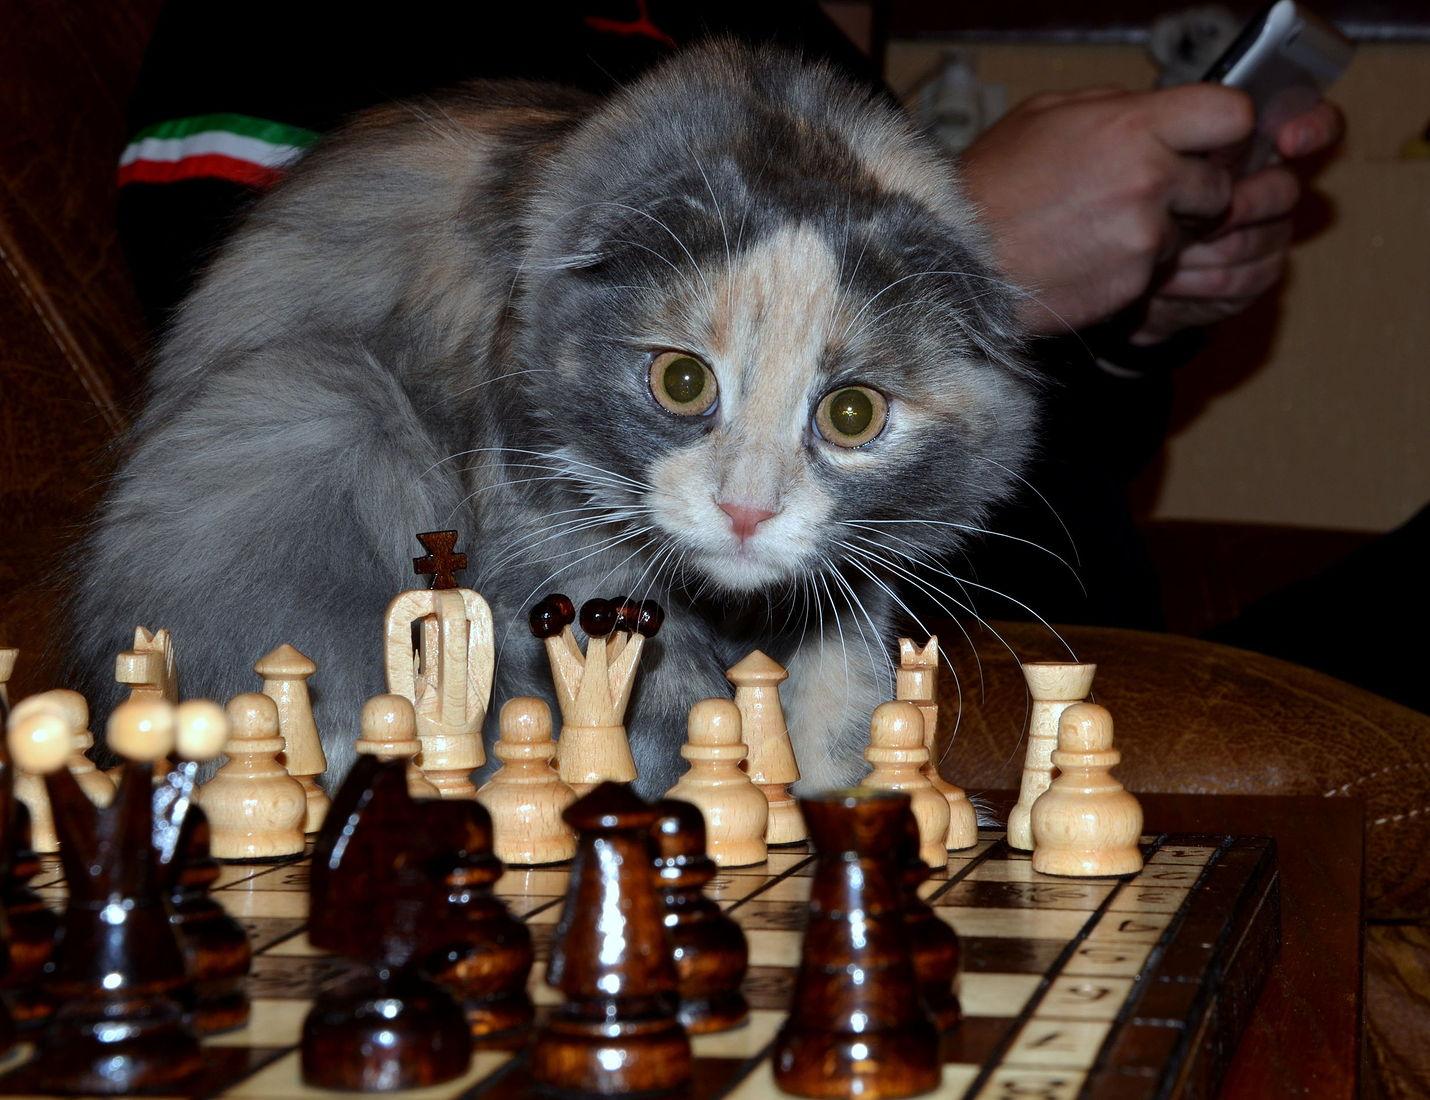 Картинки смешных шахмат, надписями всегда буду